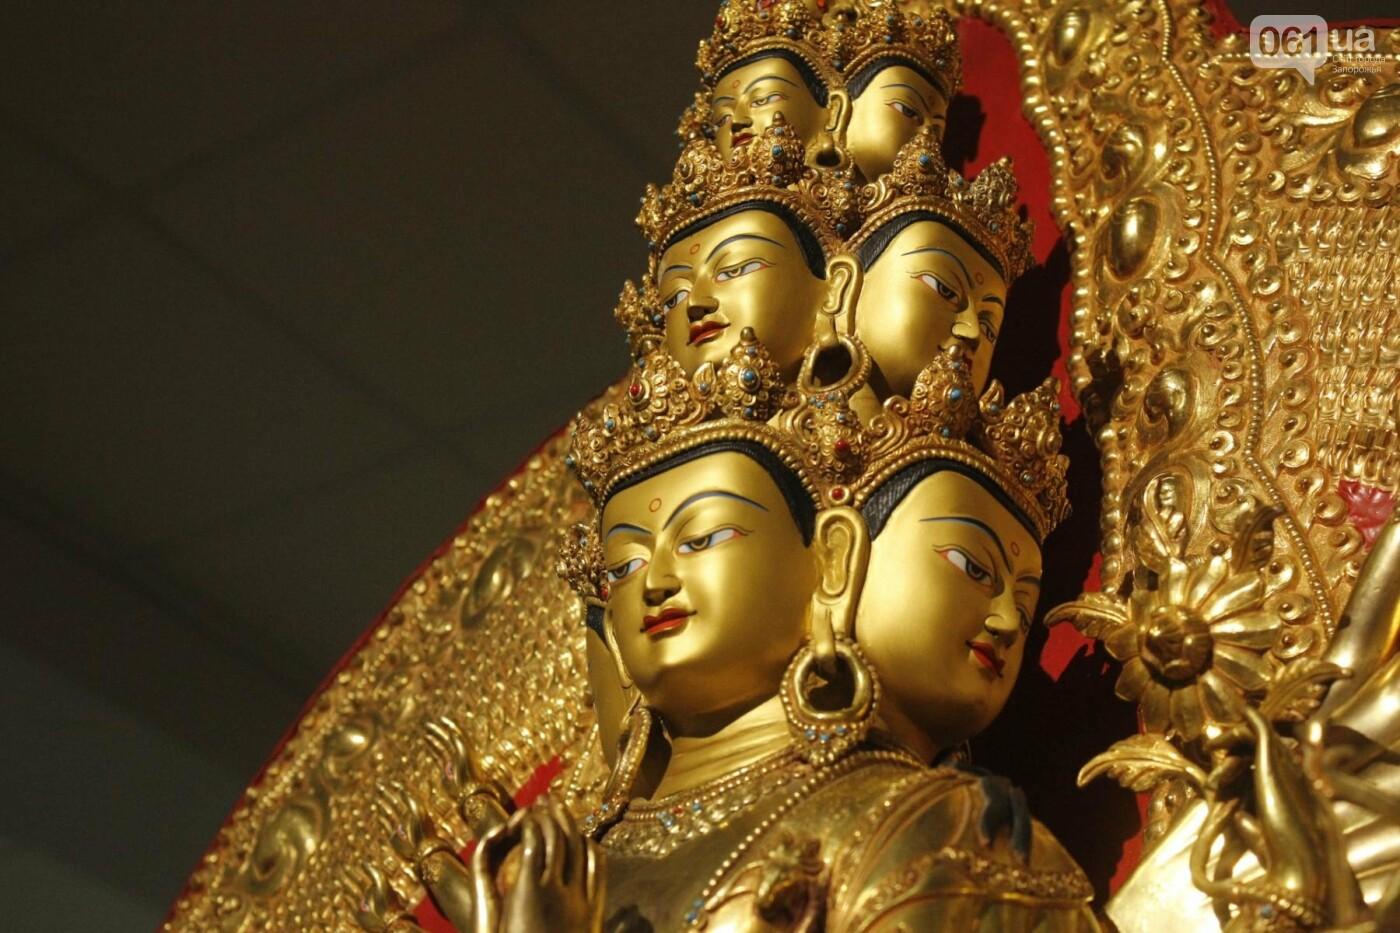 """В Запорожье выставка """"Сокровища Тибета"""" открыла Дни буддийской культуры, - ФОТОРЕПОРТАЖ, фото-4"""